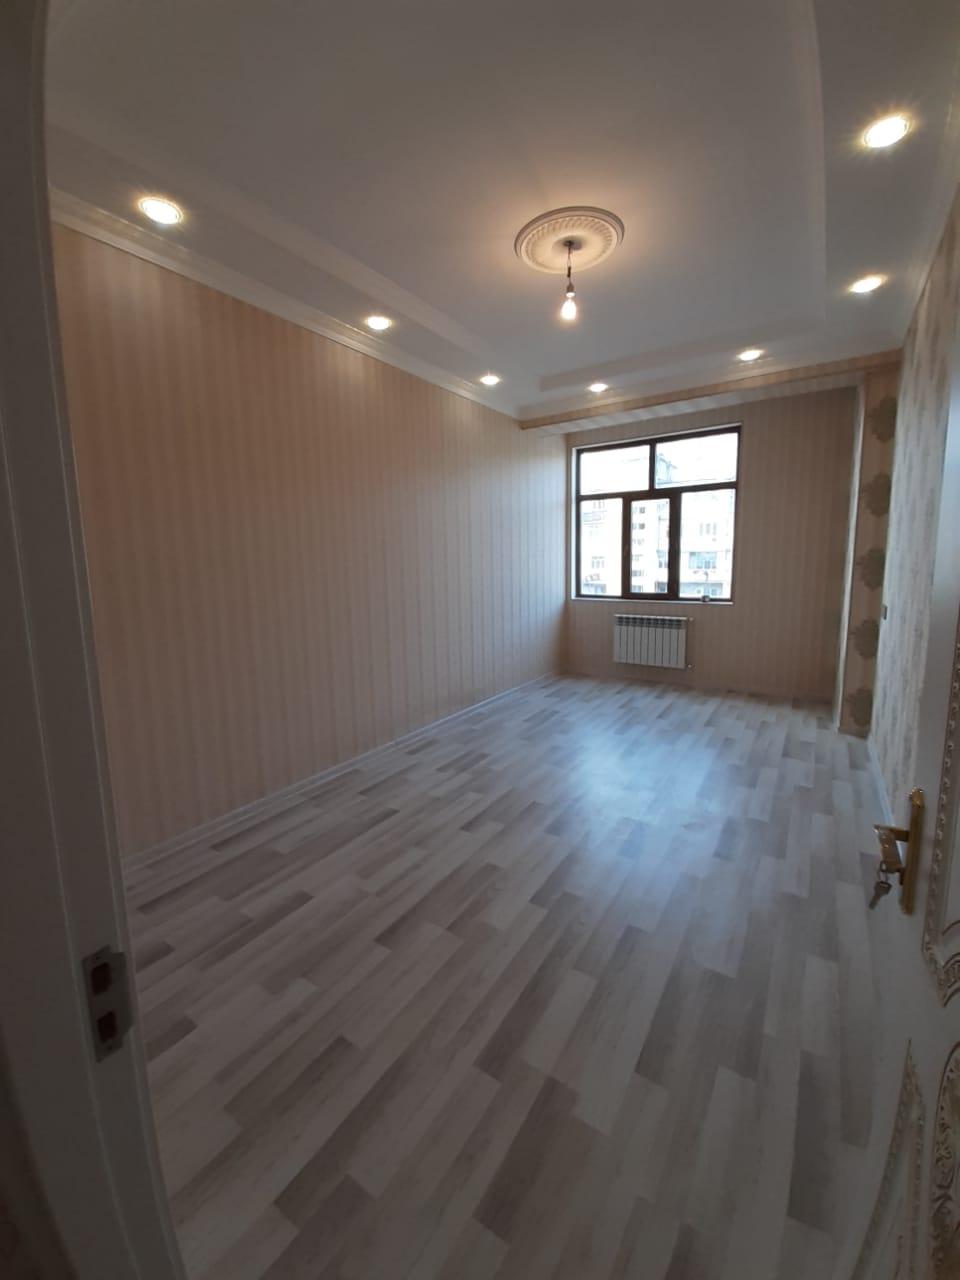 Xətai rayonu Əhmədli metrosunun 1-2 DEQİQELİK Çıxışında